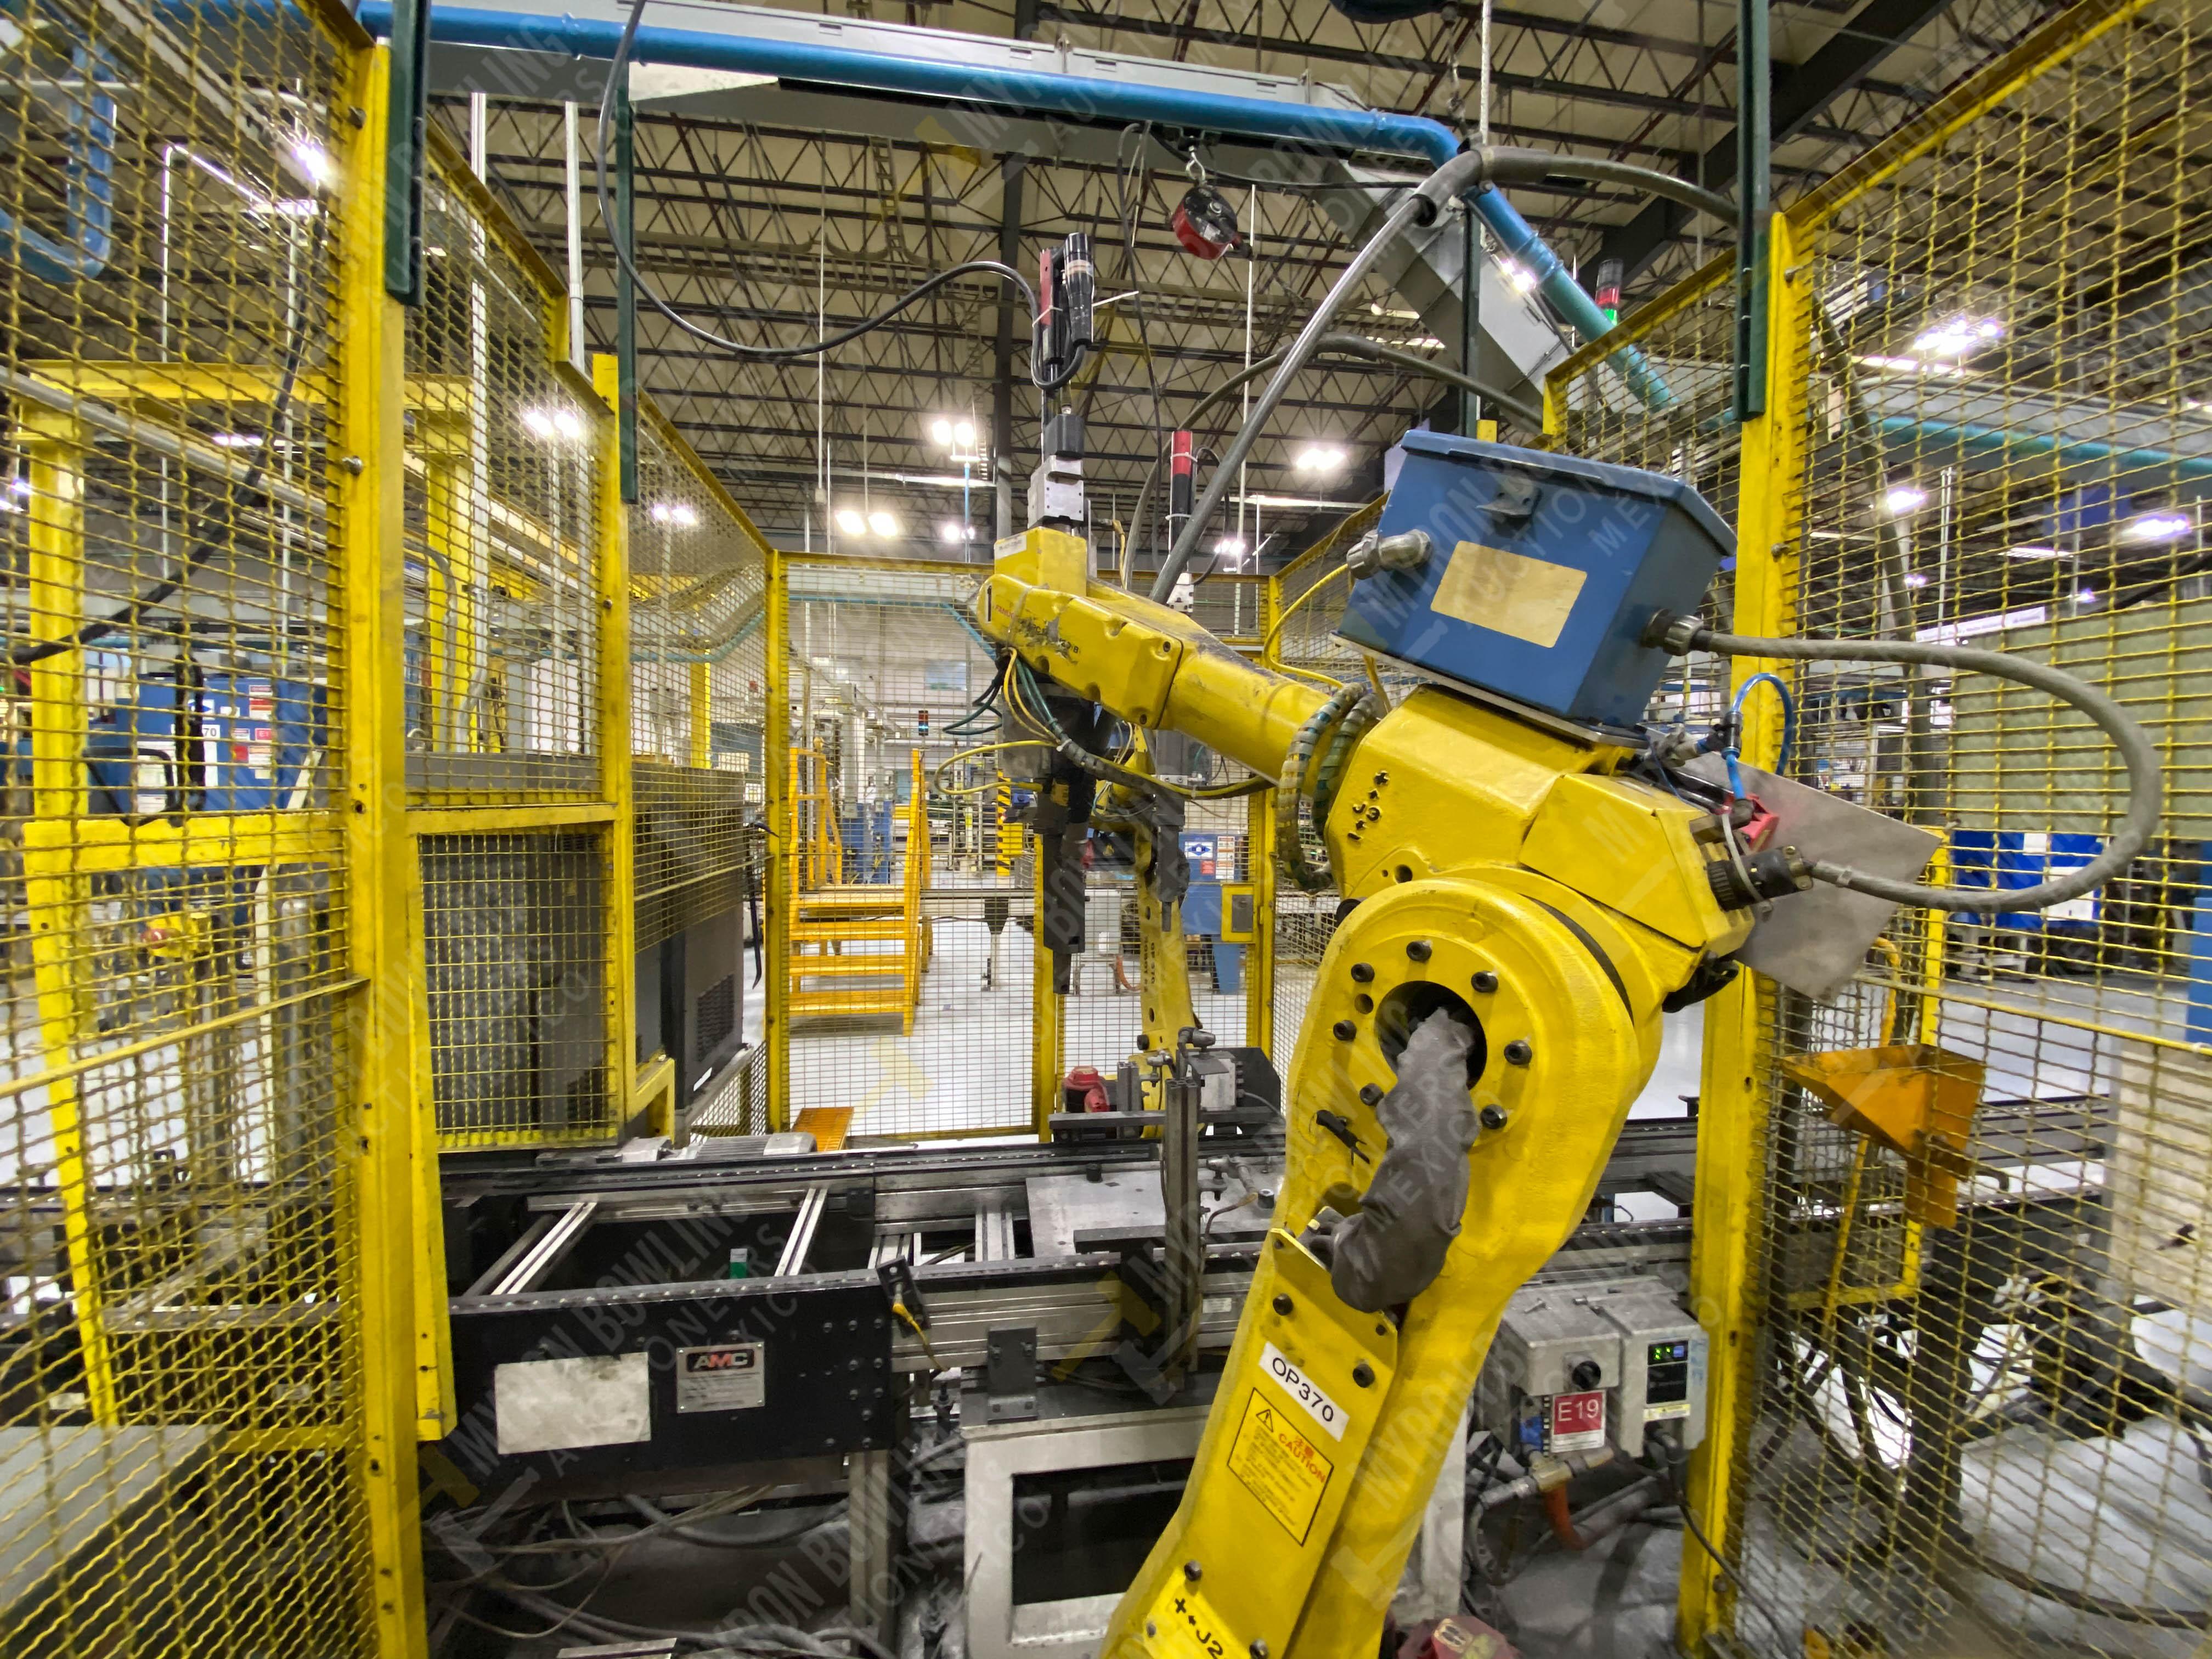 Robot con capacidad de carga de 15-30 Kg, controlador de robot y teach pendant - Image 3 of 12